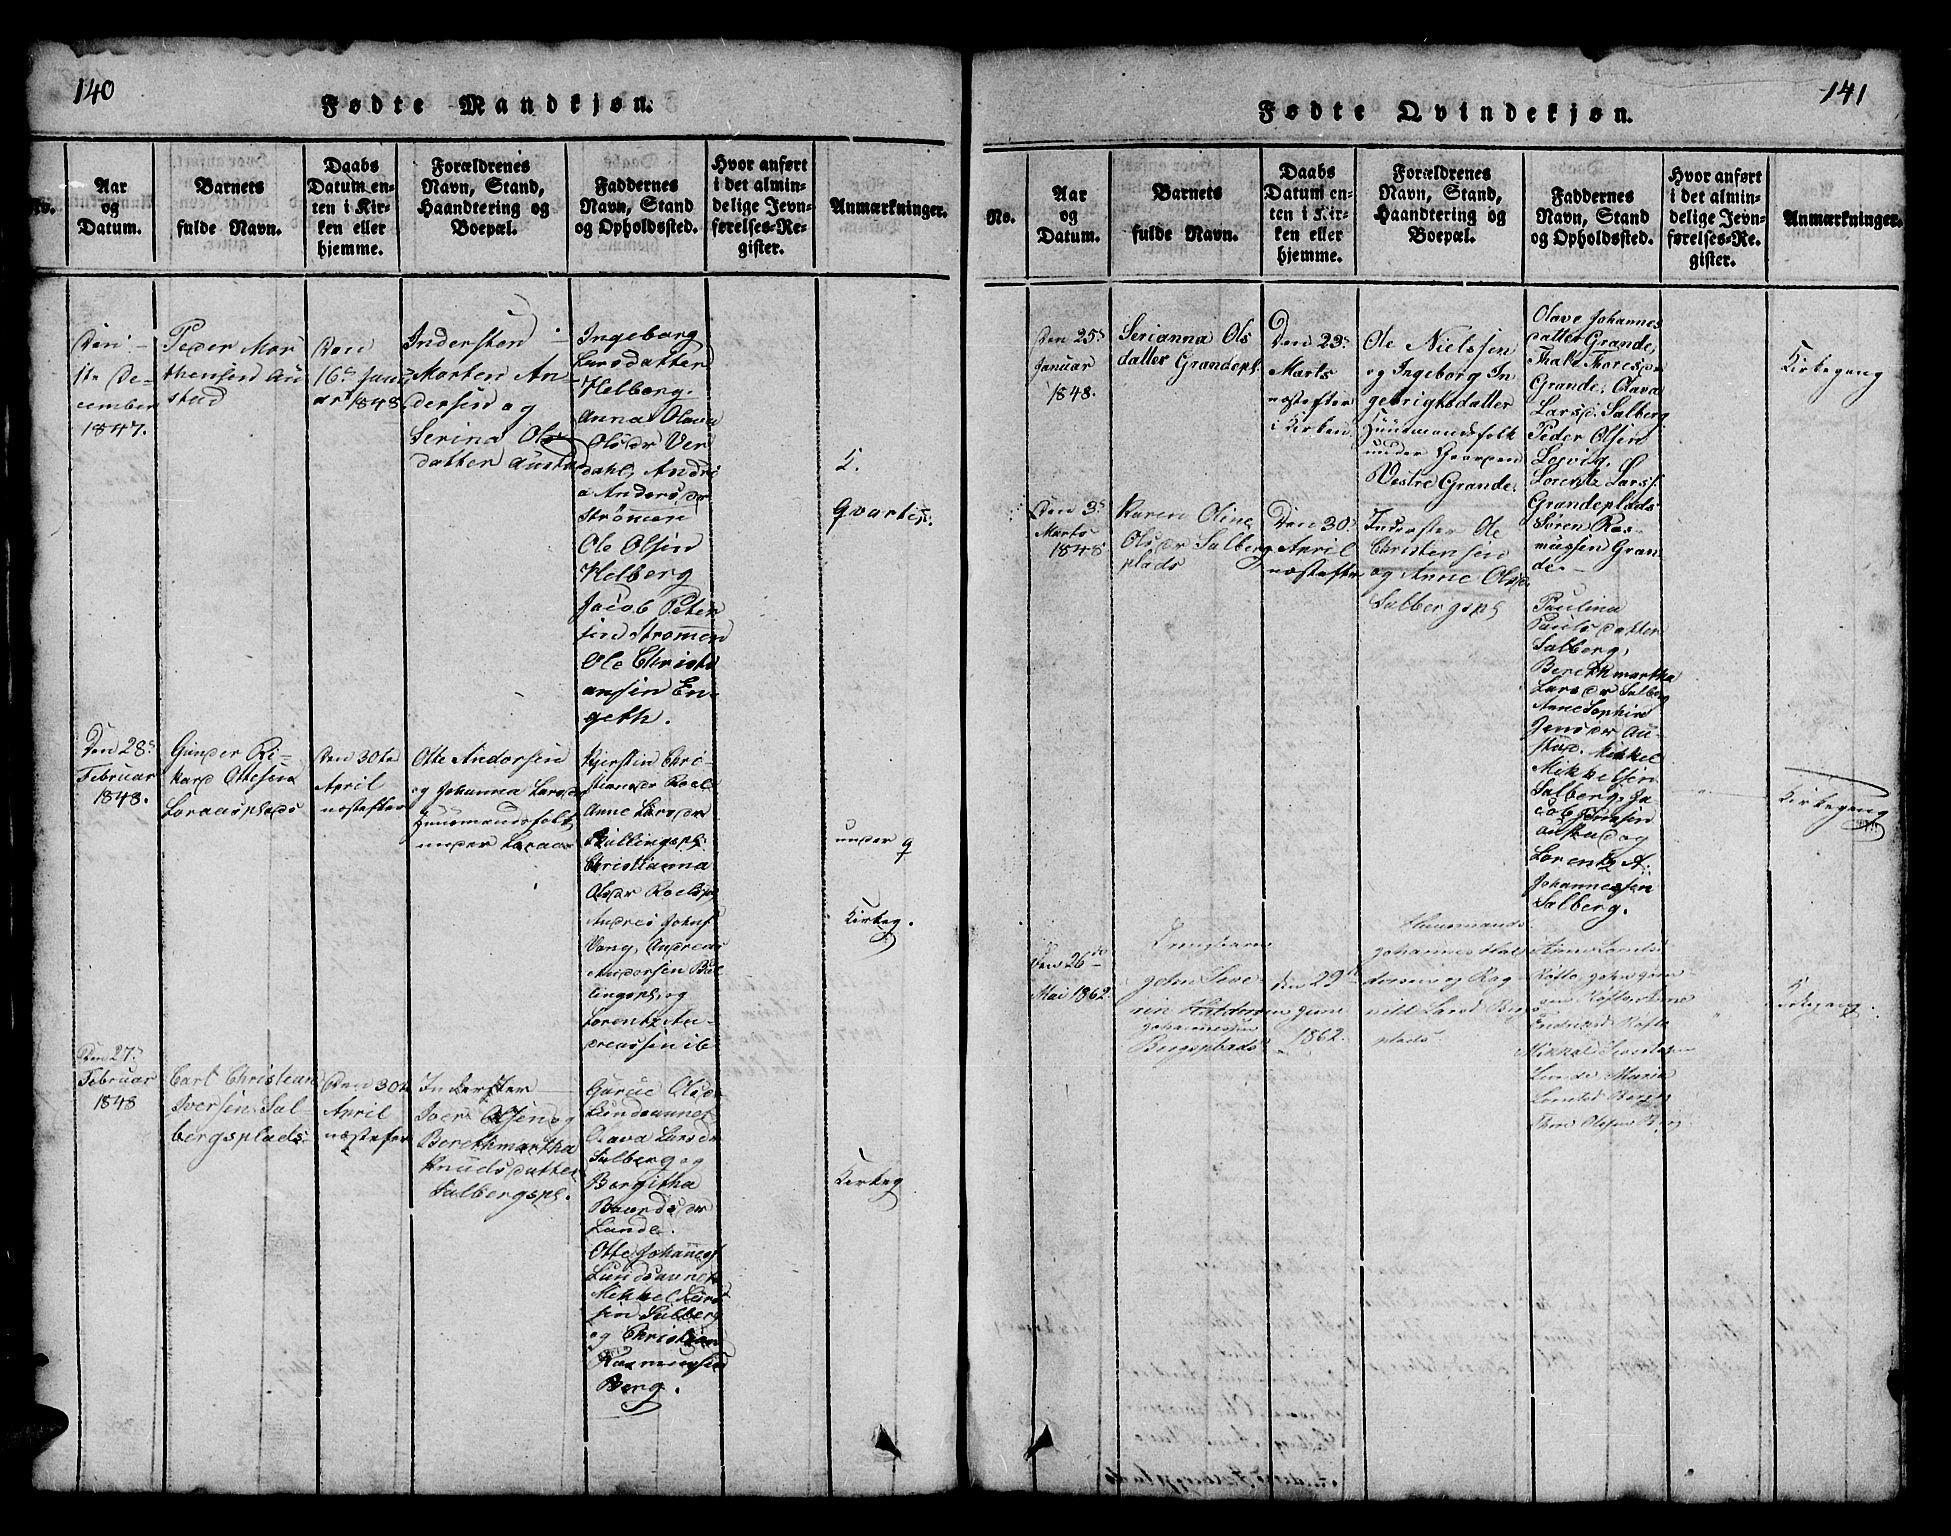 SAT, Ministerialprotokoller, klokkerbøker og fødselsregistre - Nord-Trøndelag, 731/L0310: Klokkerbok nr. 731C01, 1816-1874, s. 140-141